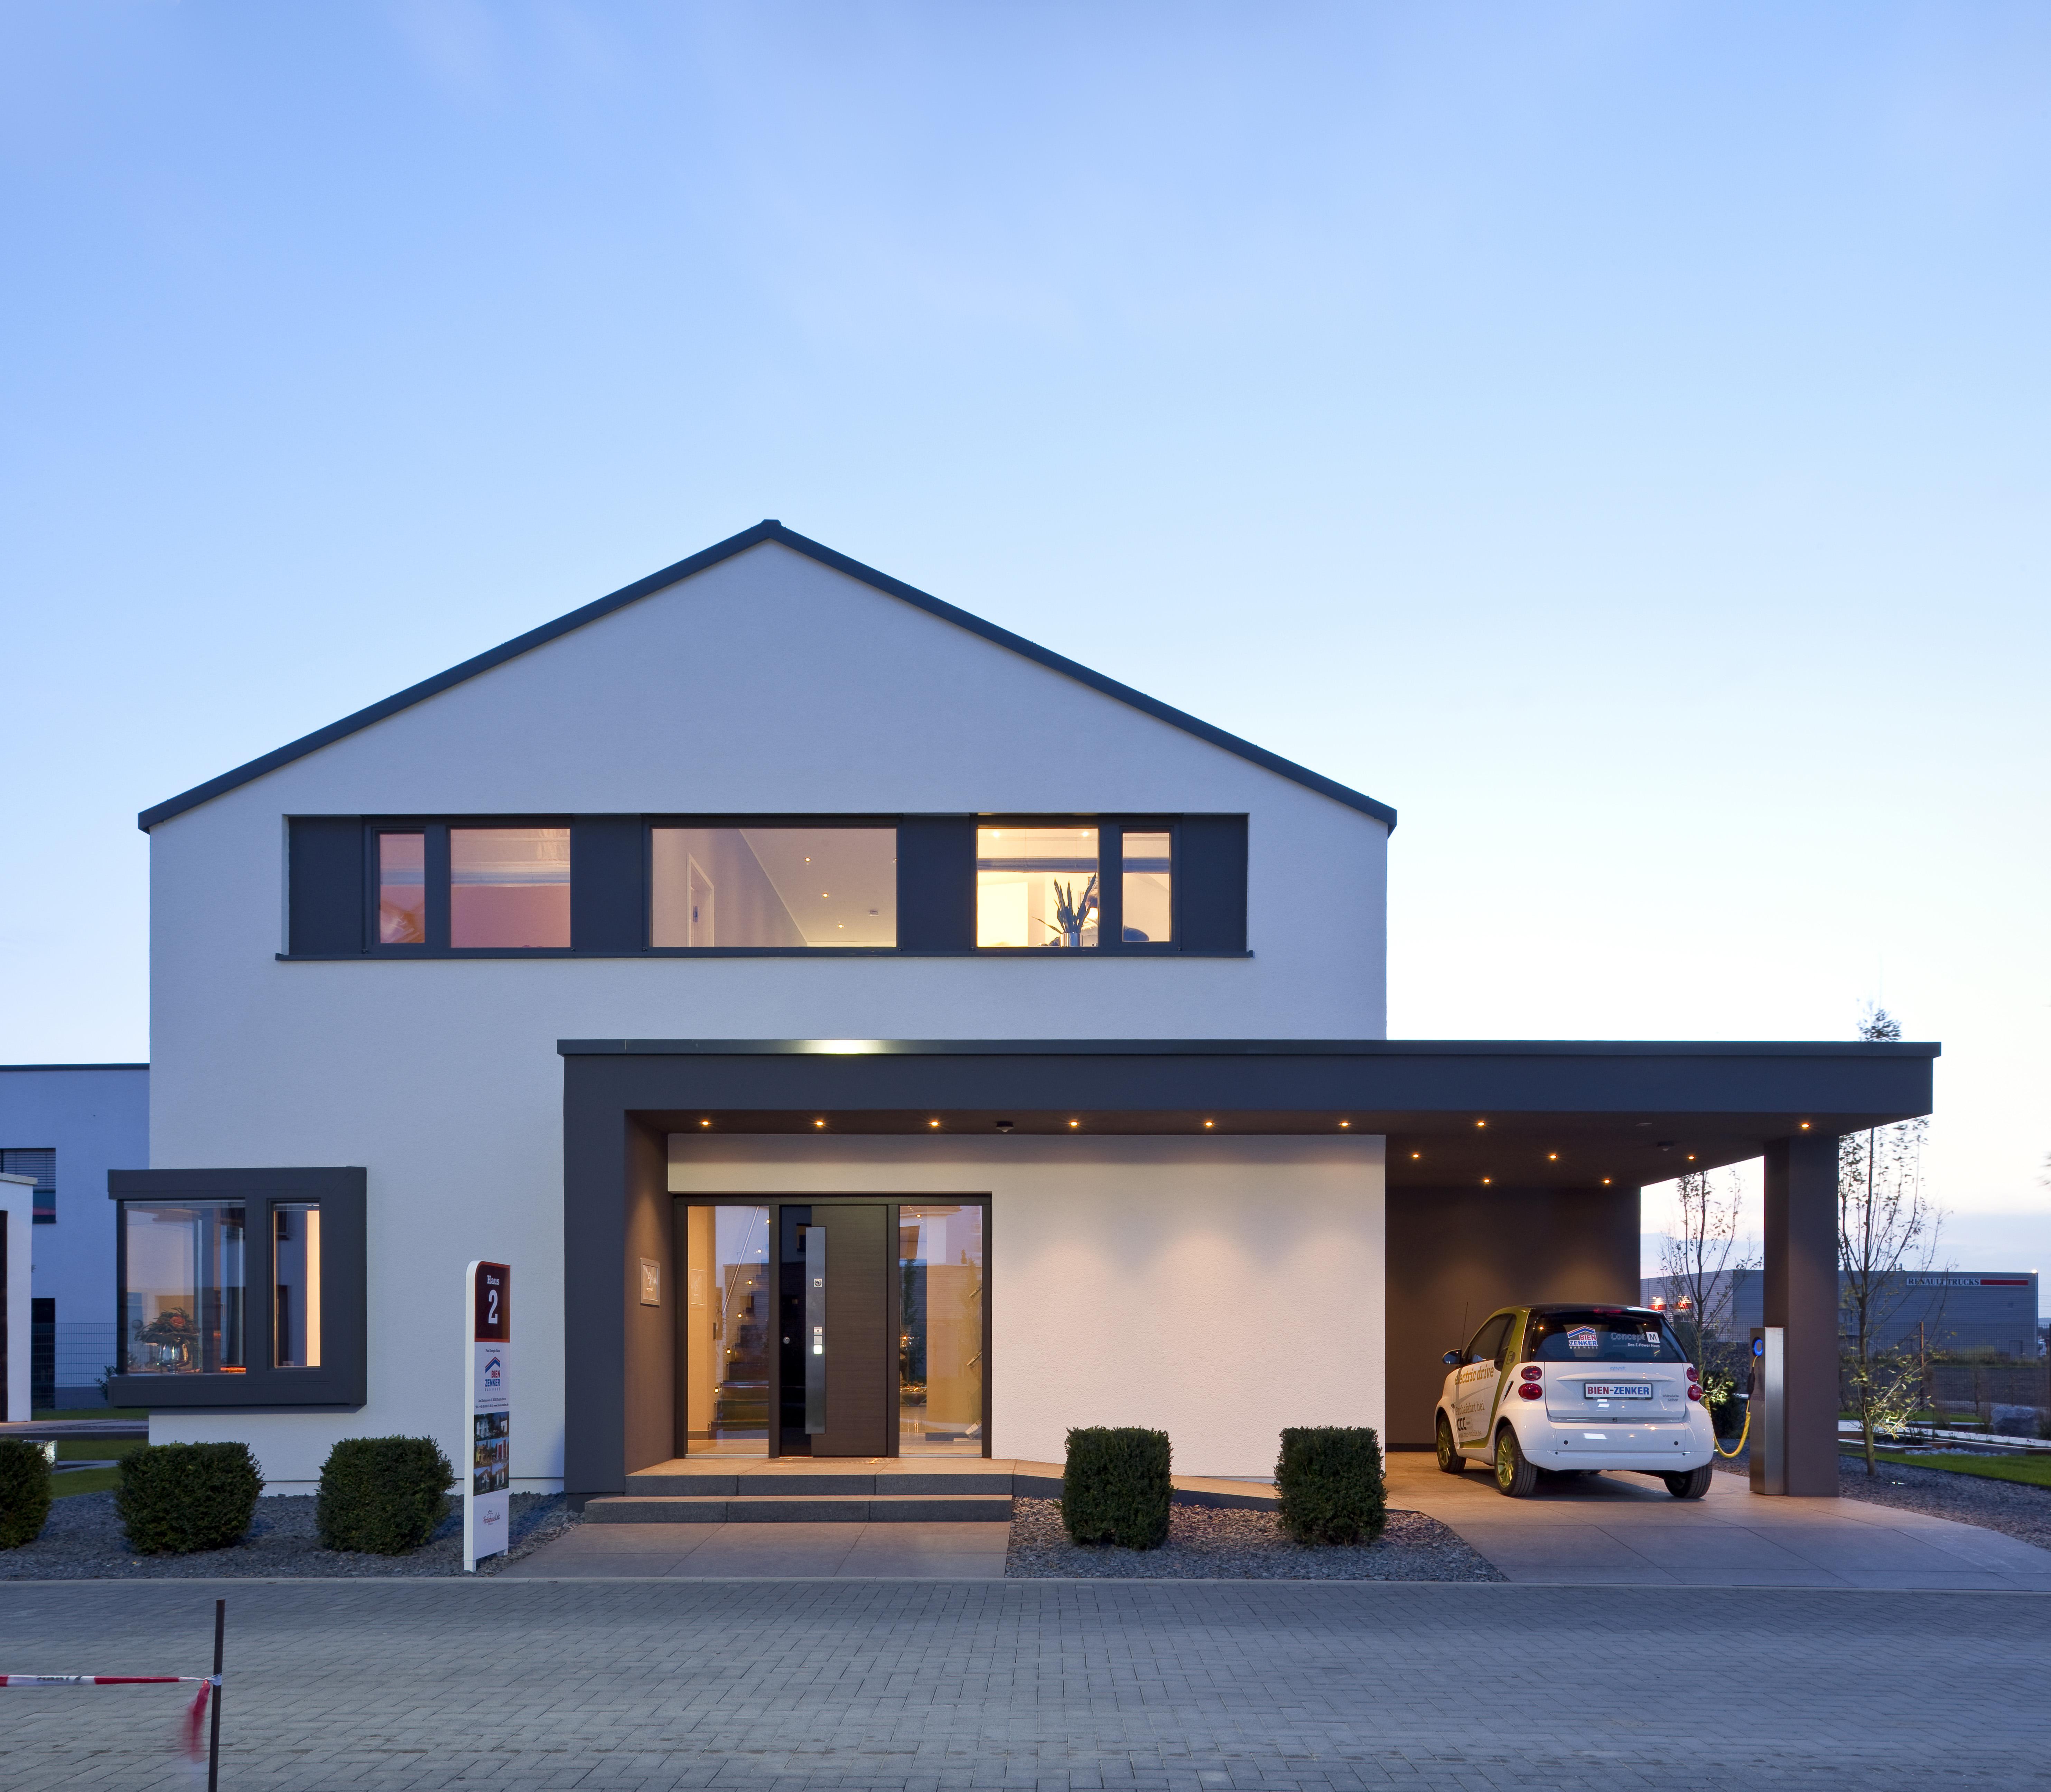 Der Traum vom Haus - mit einem Plus an Energie / Immobilie und E ...